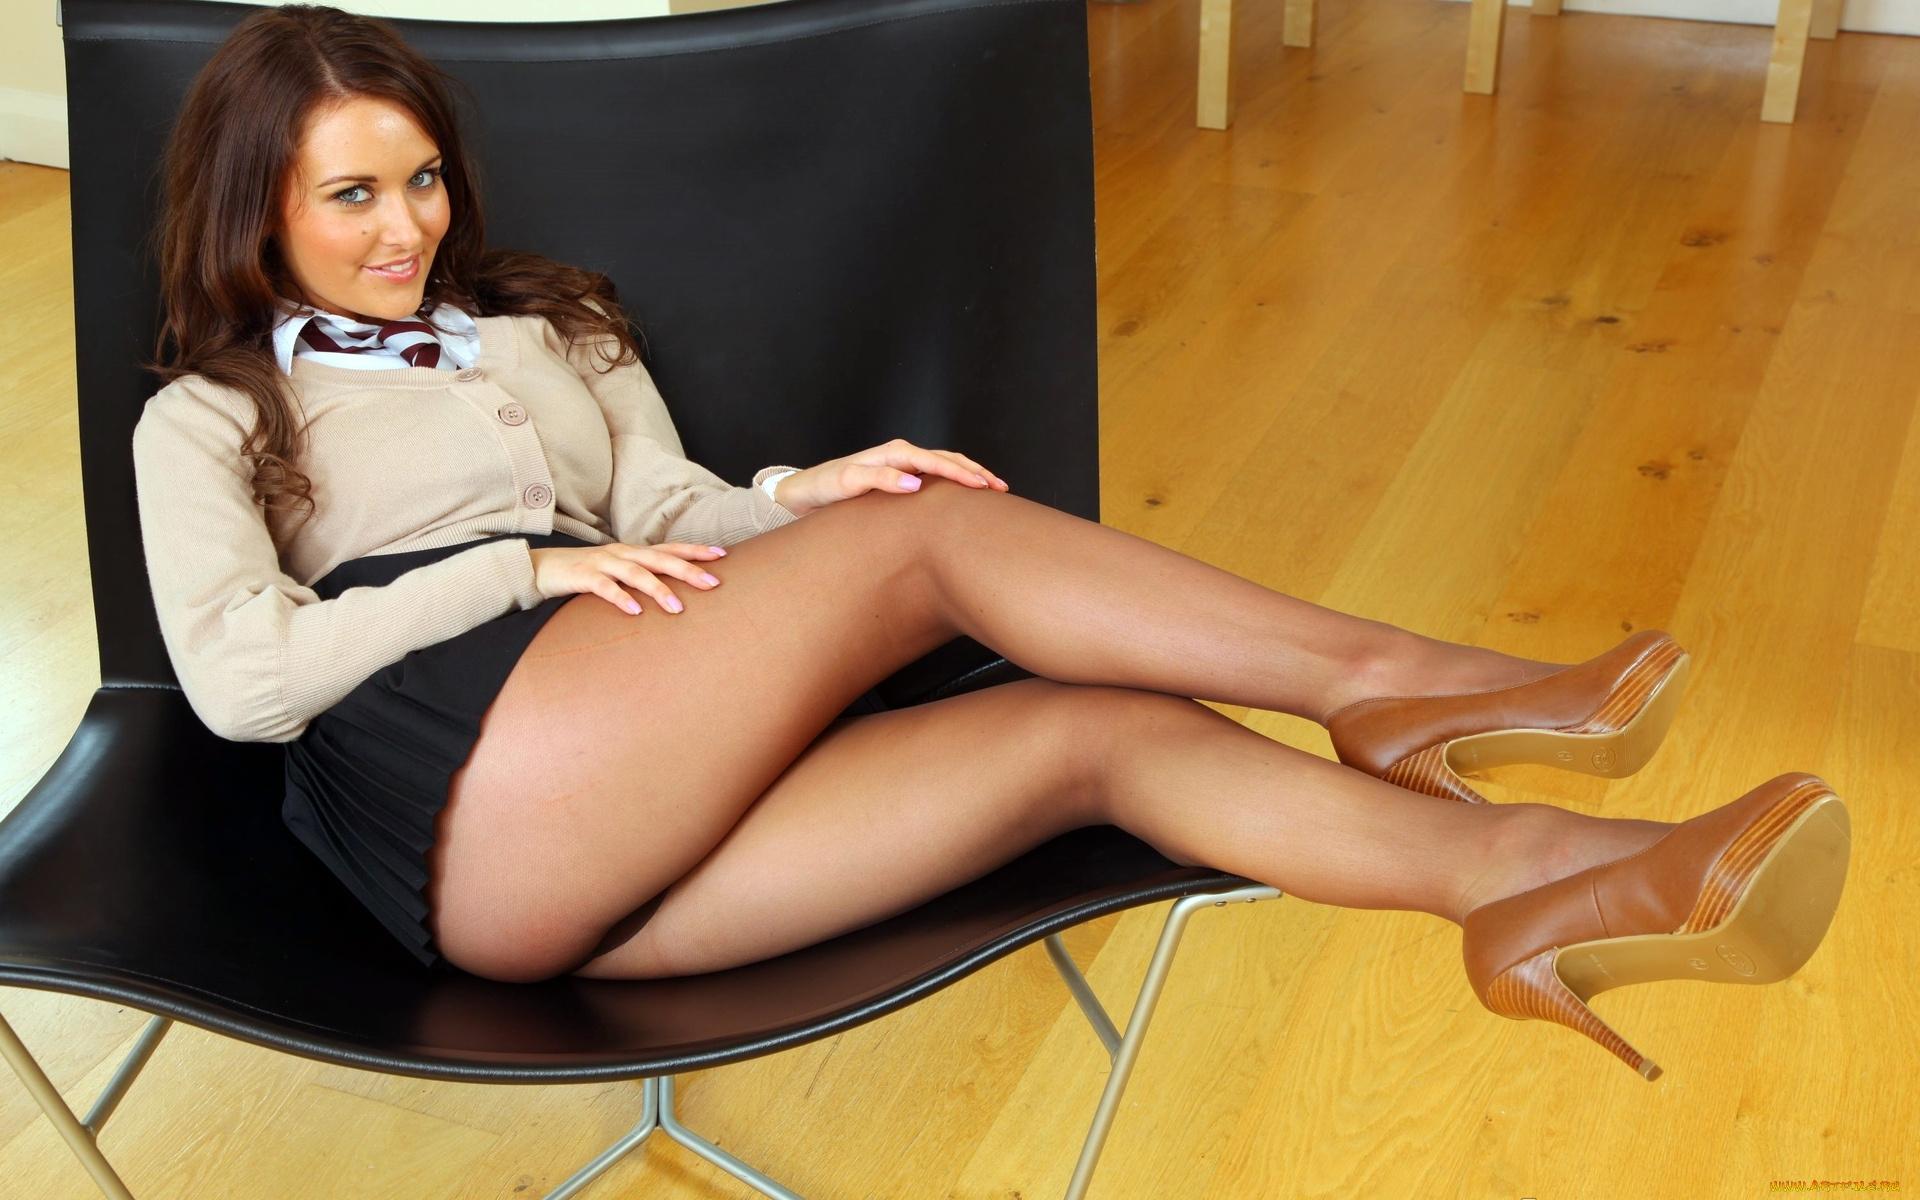 картинки девушек с сексуальными ножками в колготках это случилась